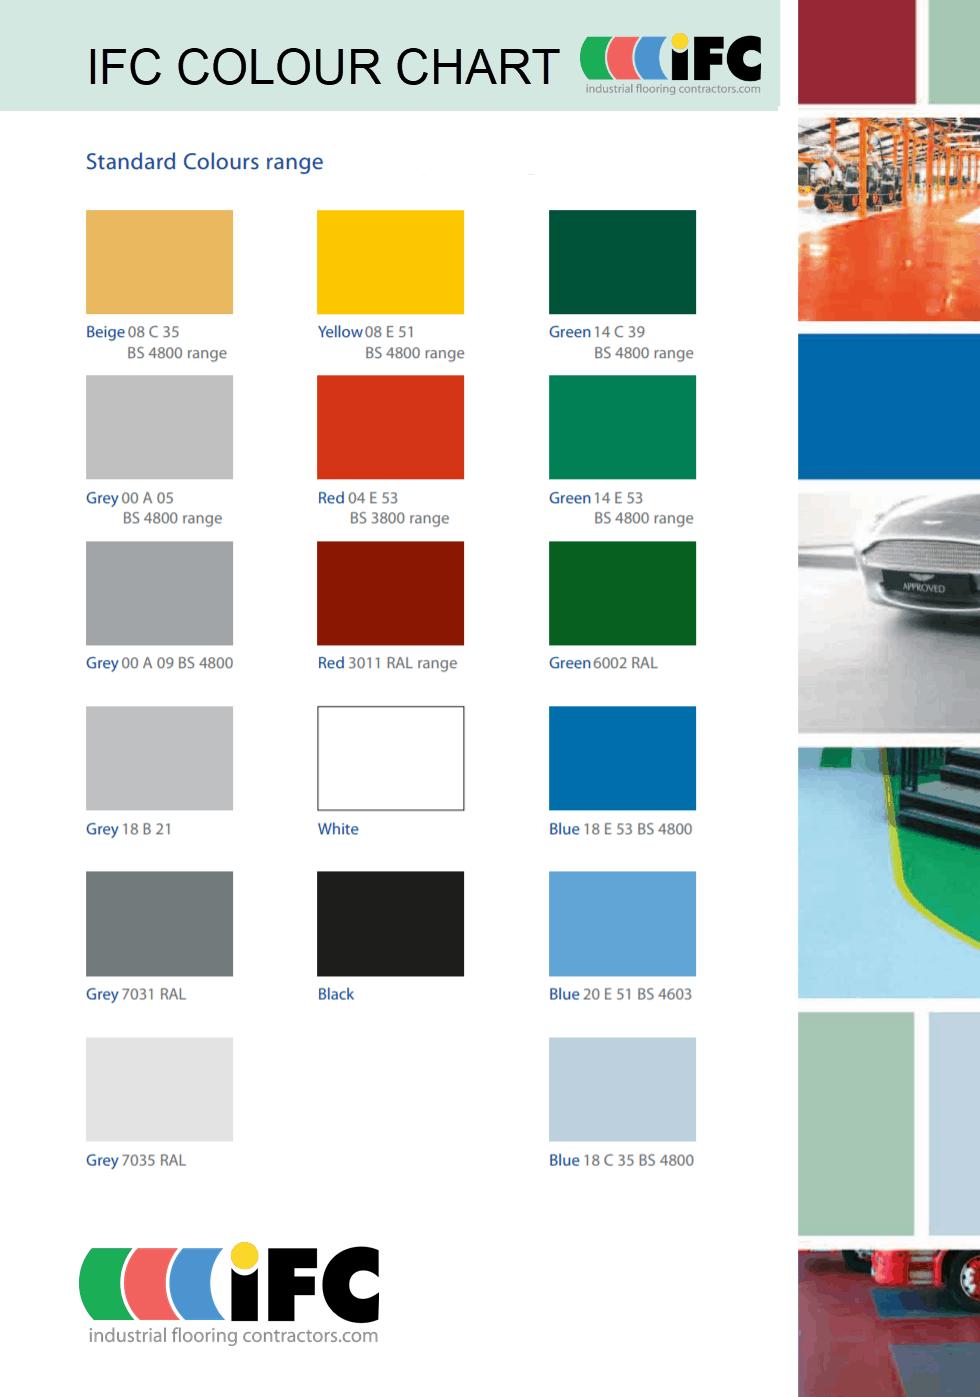 IFC Colour Chart